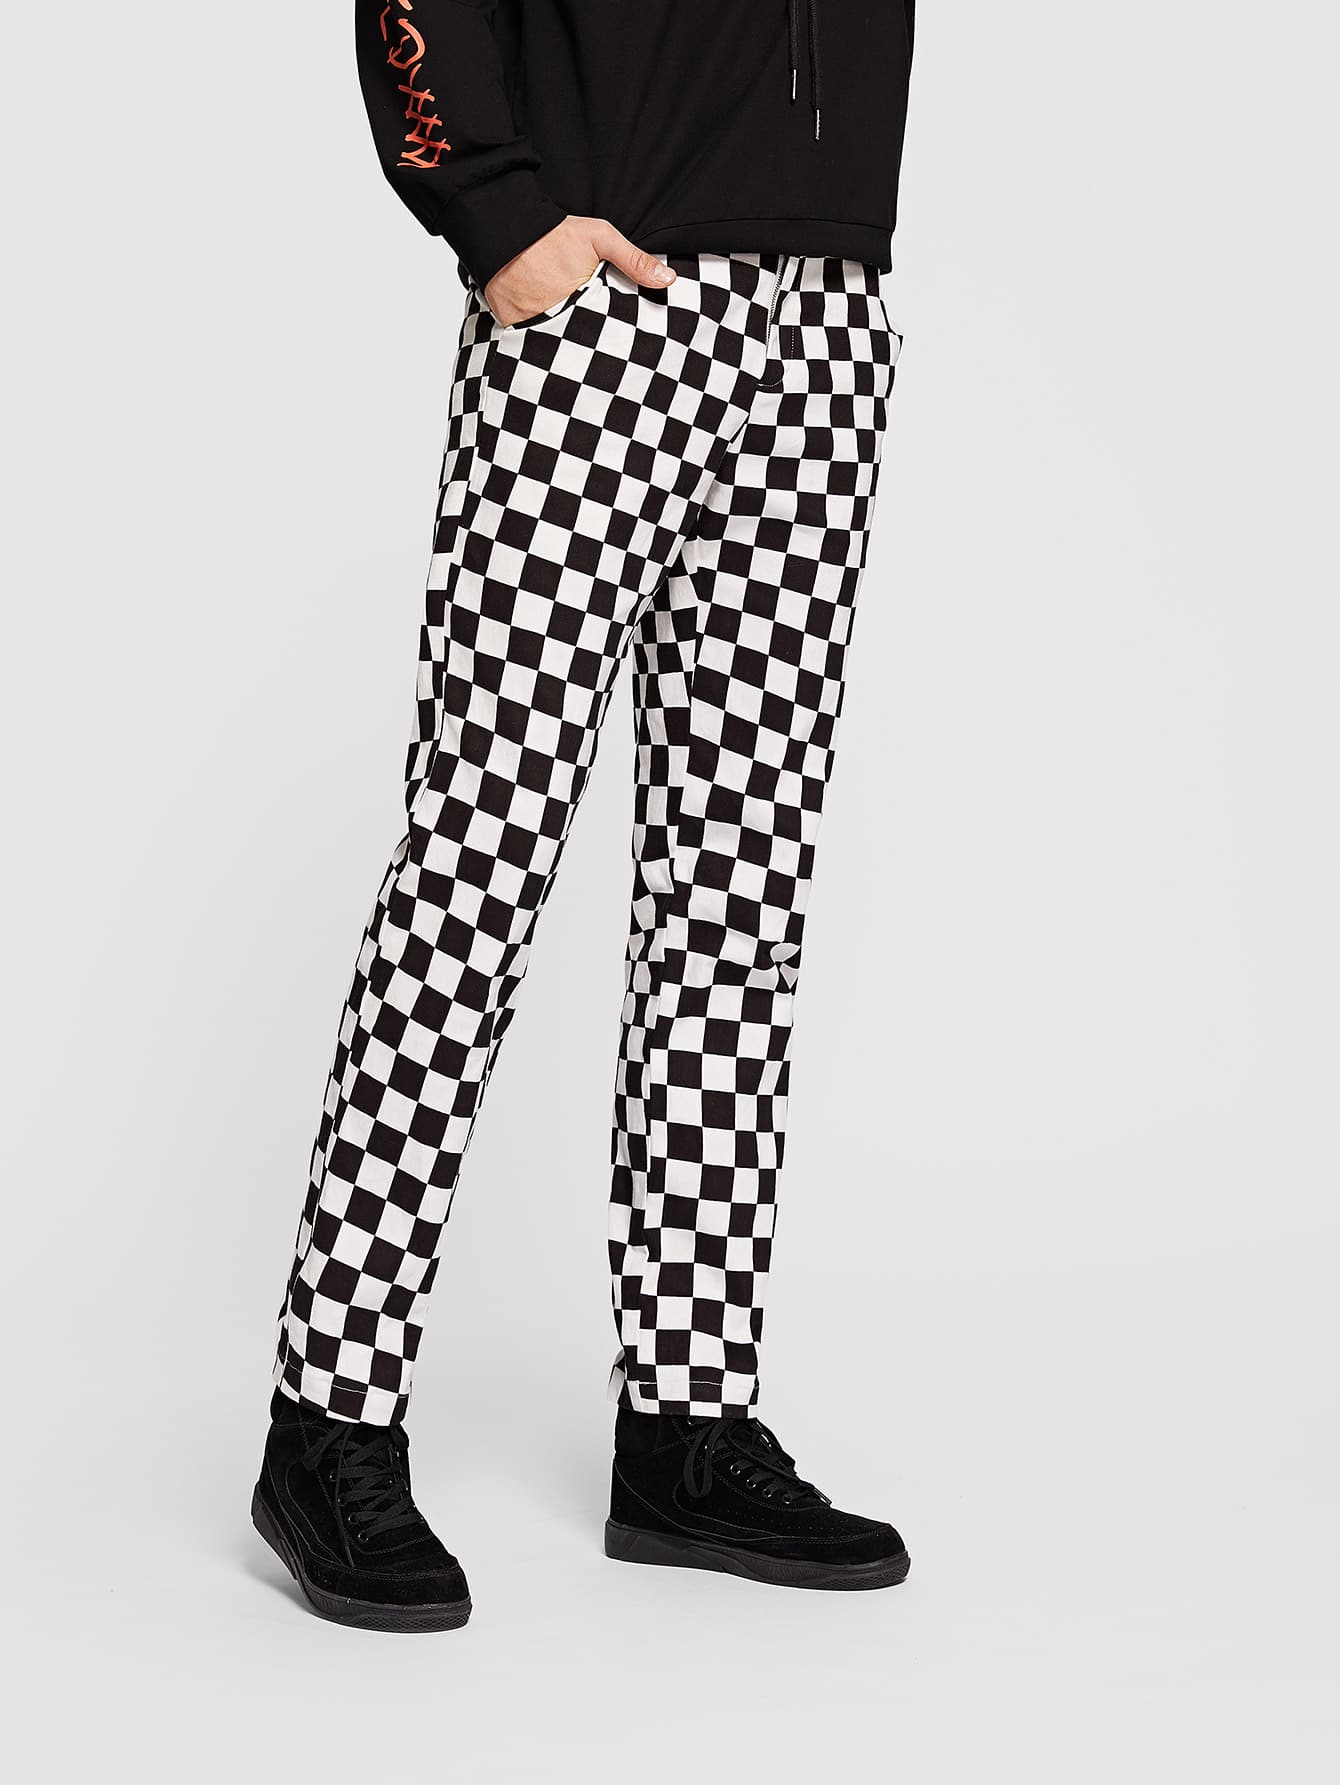 Купить Для мужчин брюки в клетку с кулиской, Misha, SheIn